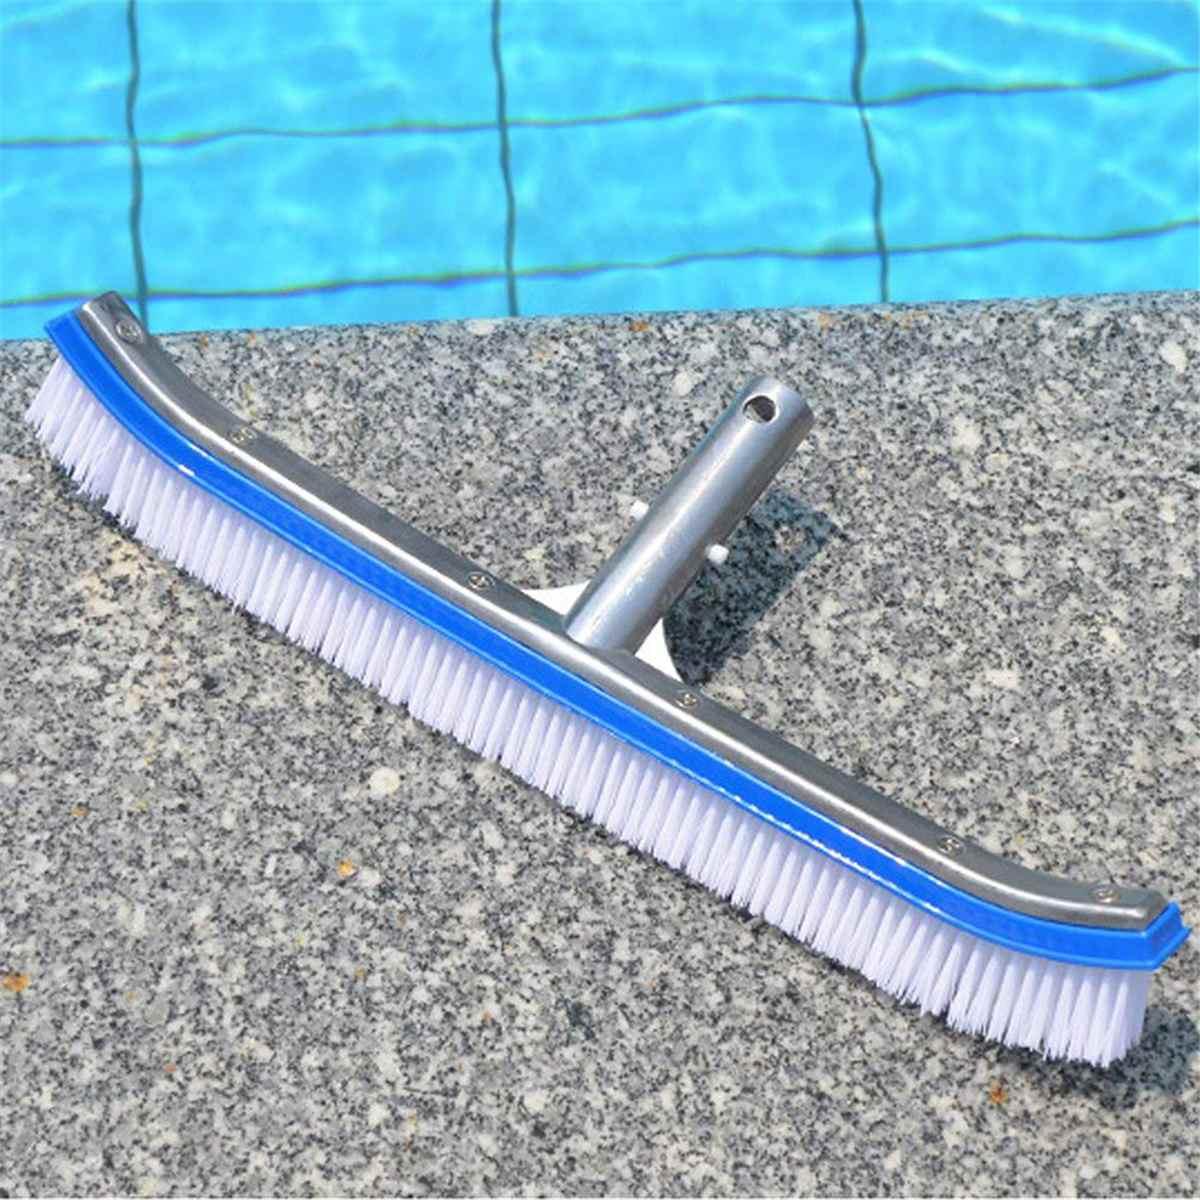 18in, cepillo de pared duradero para piscina, herramienta de limpieza, mango de aluminio para estanque, Spa, piscinas de resortes calientes, limpiador de algas para exteriores